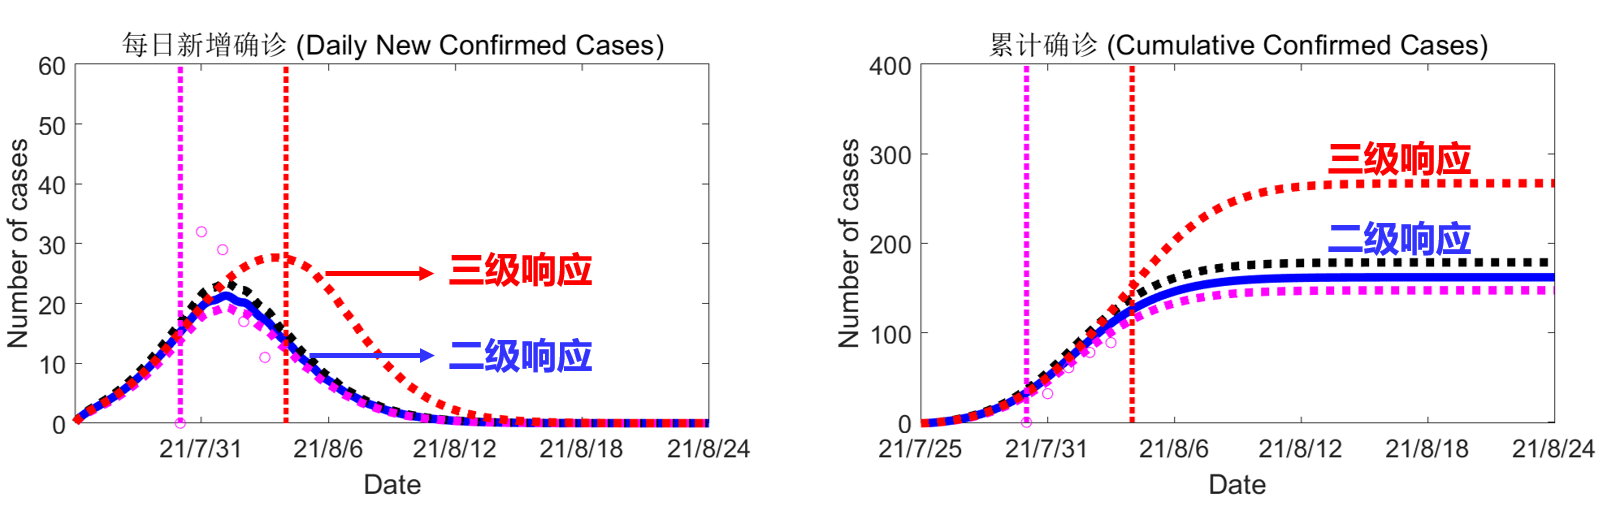 兰大预测系统:当前措施下河南疫情预计8月16日左右获控制